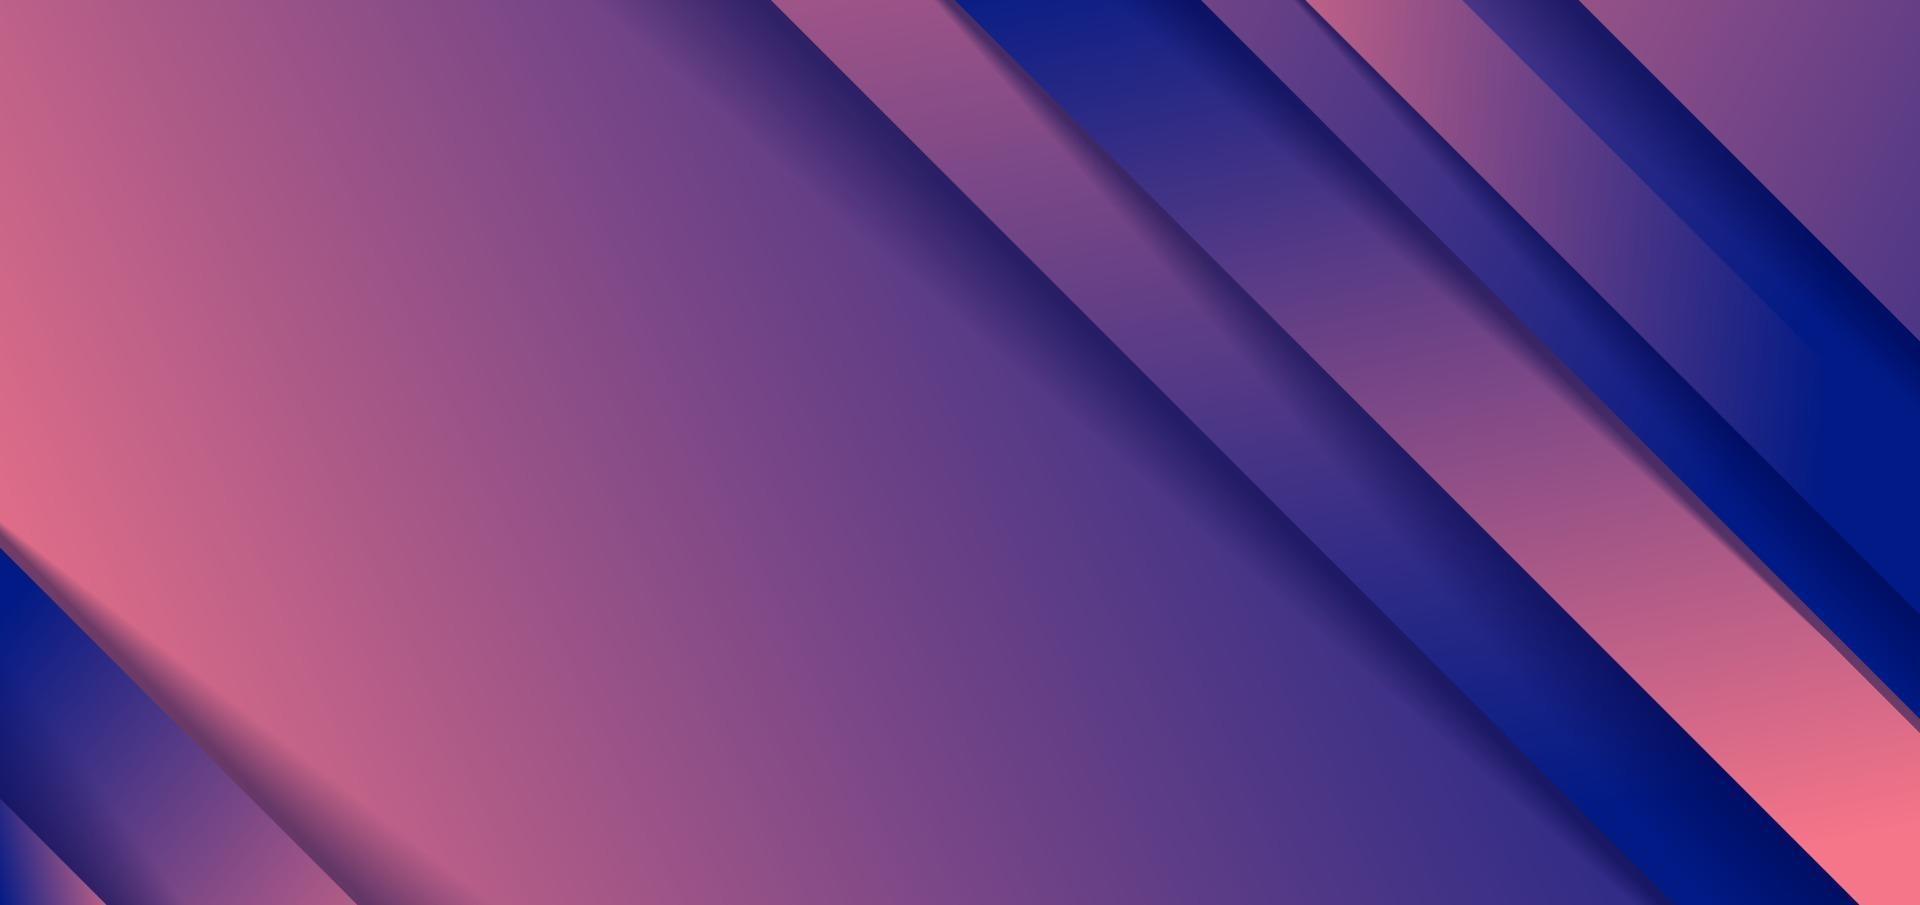 abstracte diagonale strepen blauwe en roze verloopvorm achtergrond met schaduwpapier gesneden stijl vector